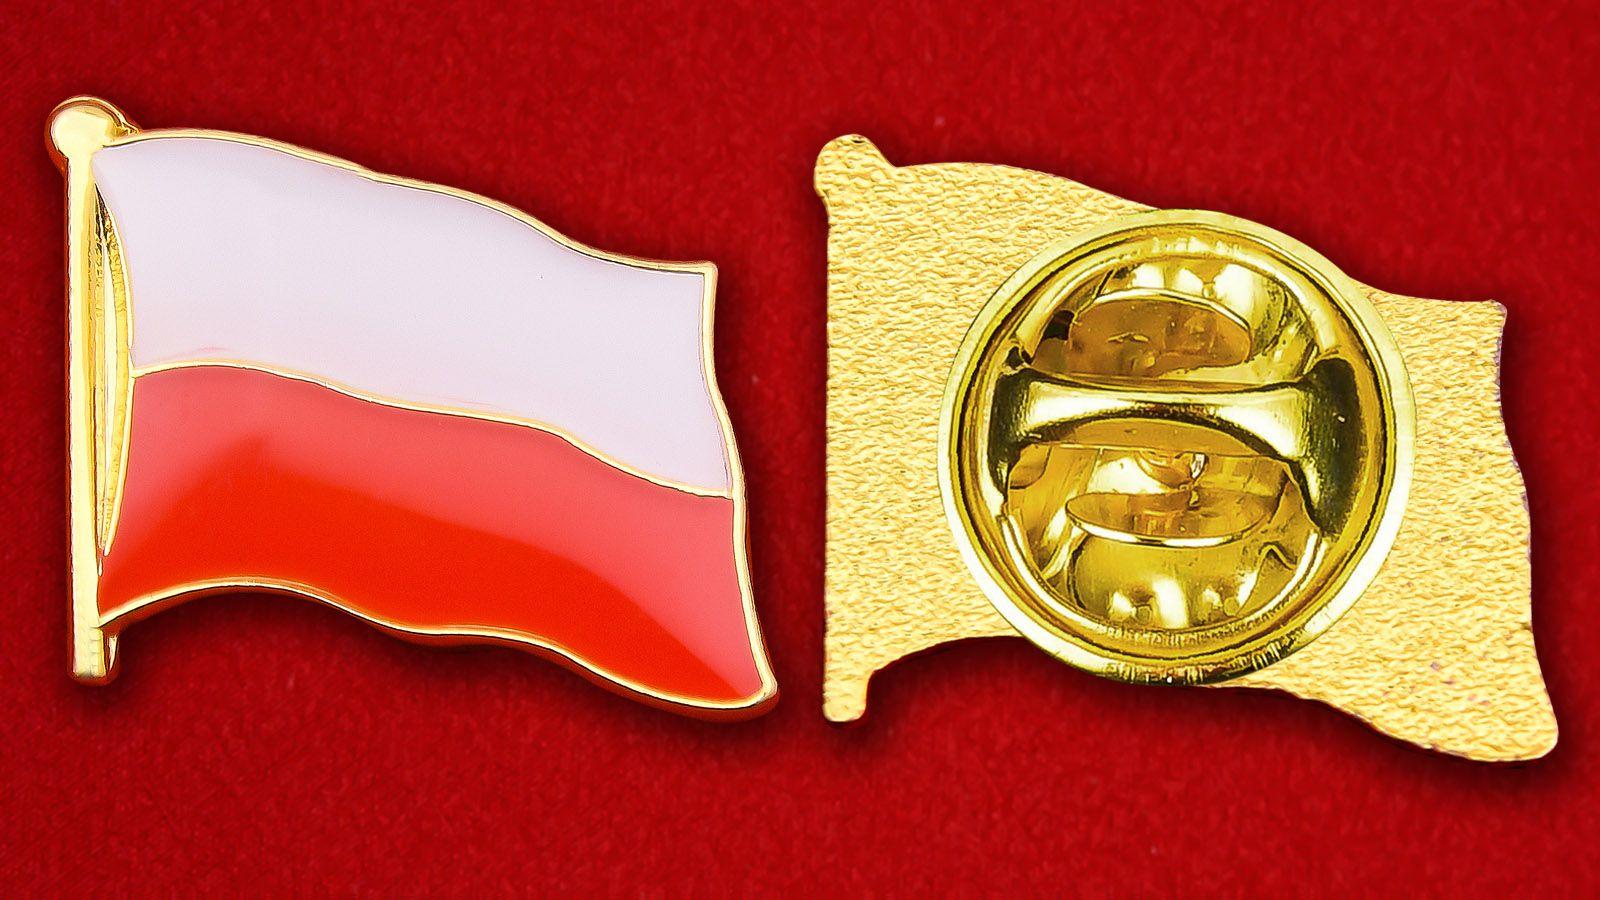 Значок Флага Польши - аверс и реверс